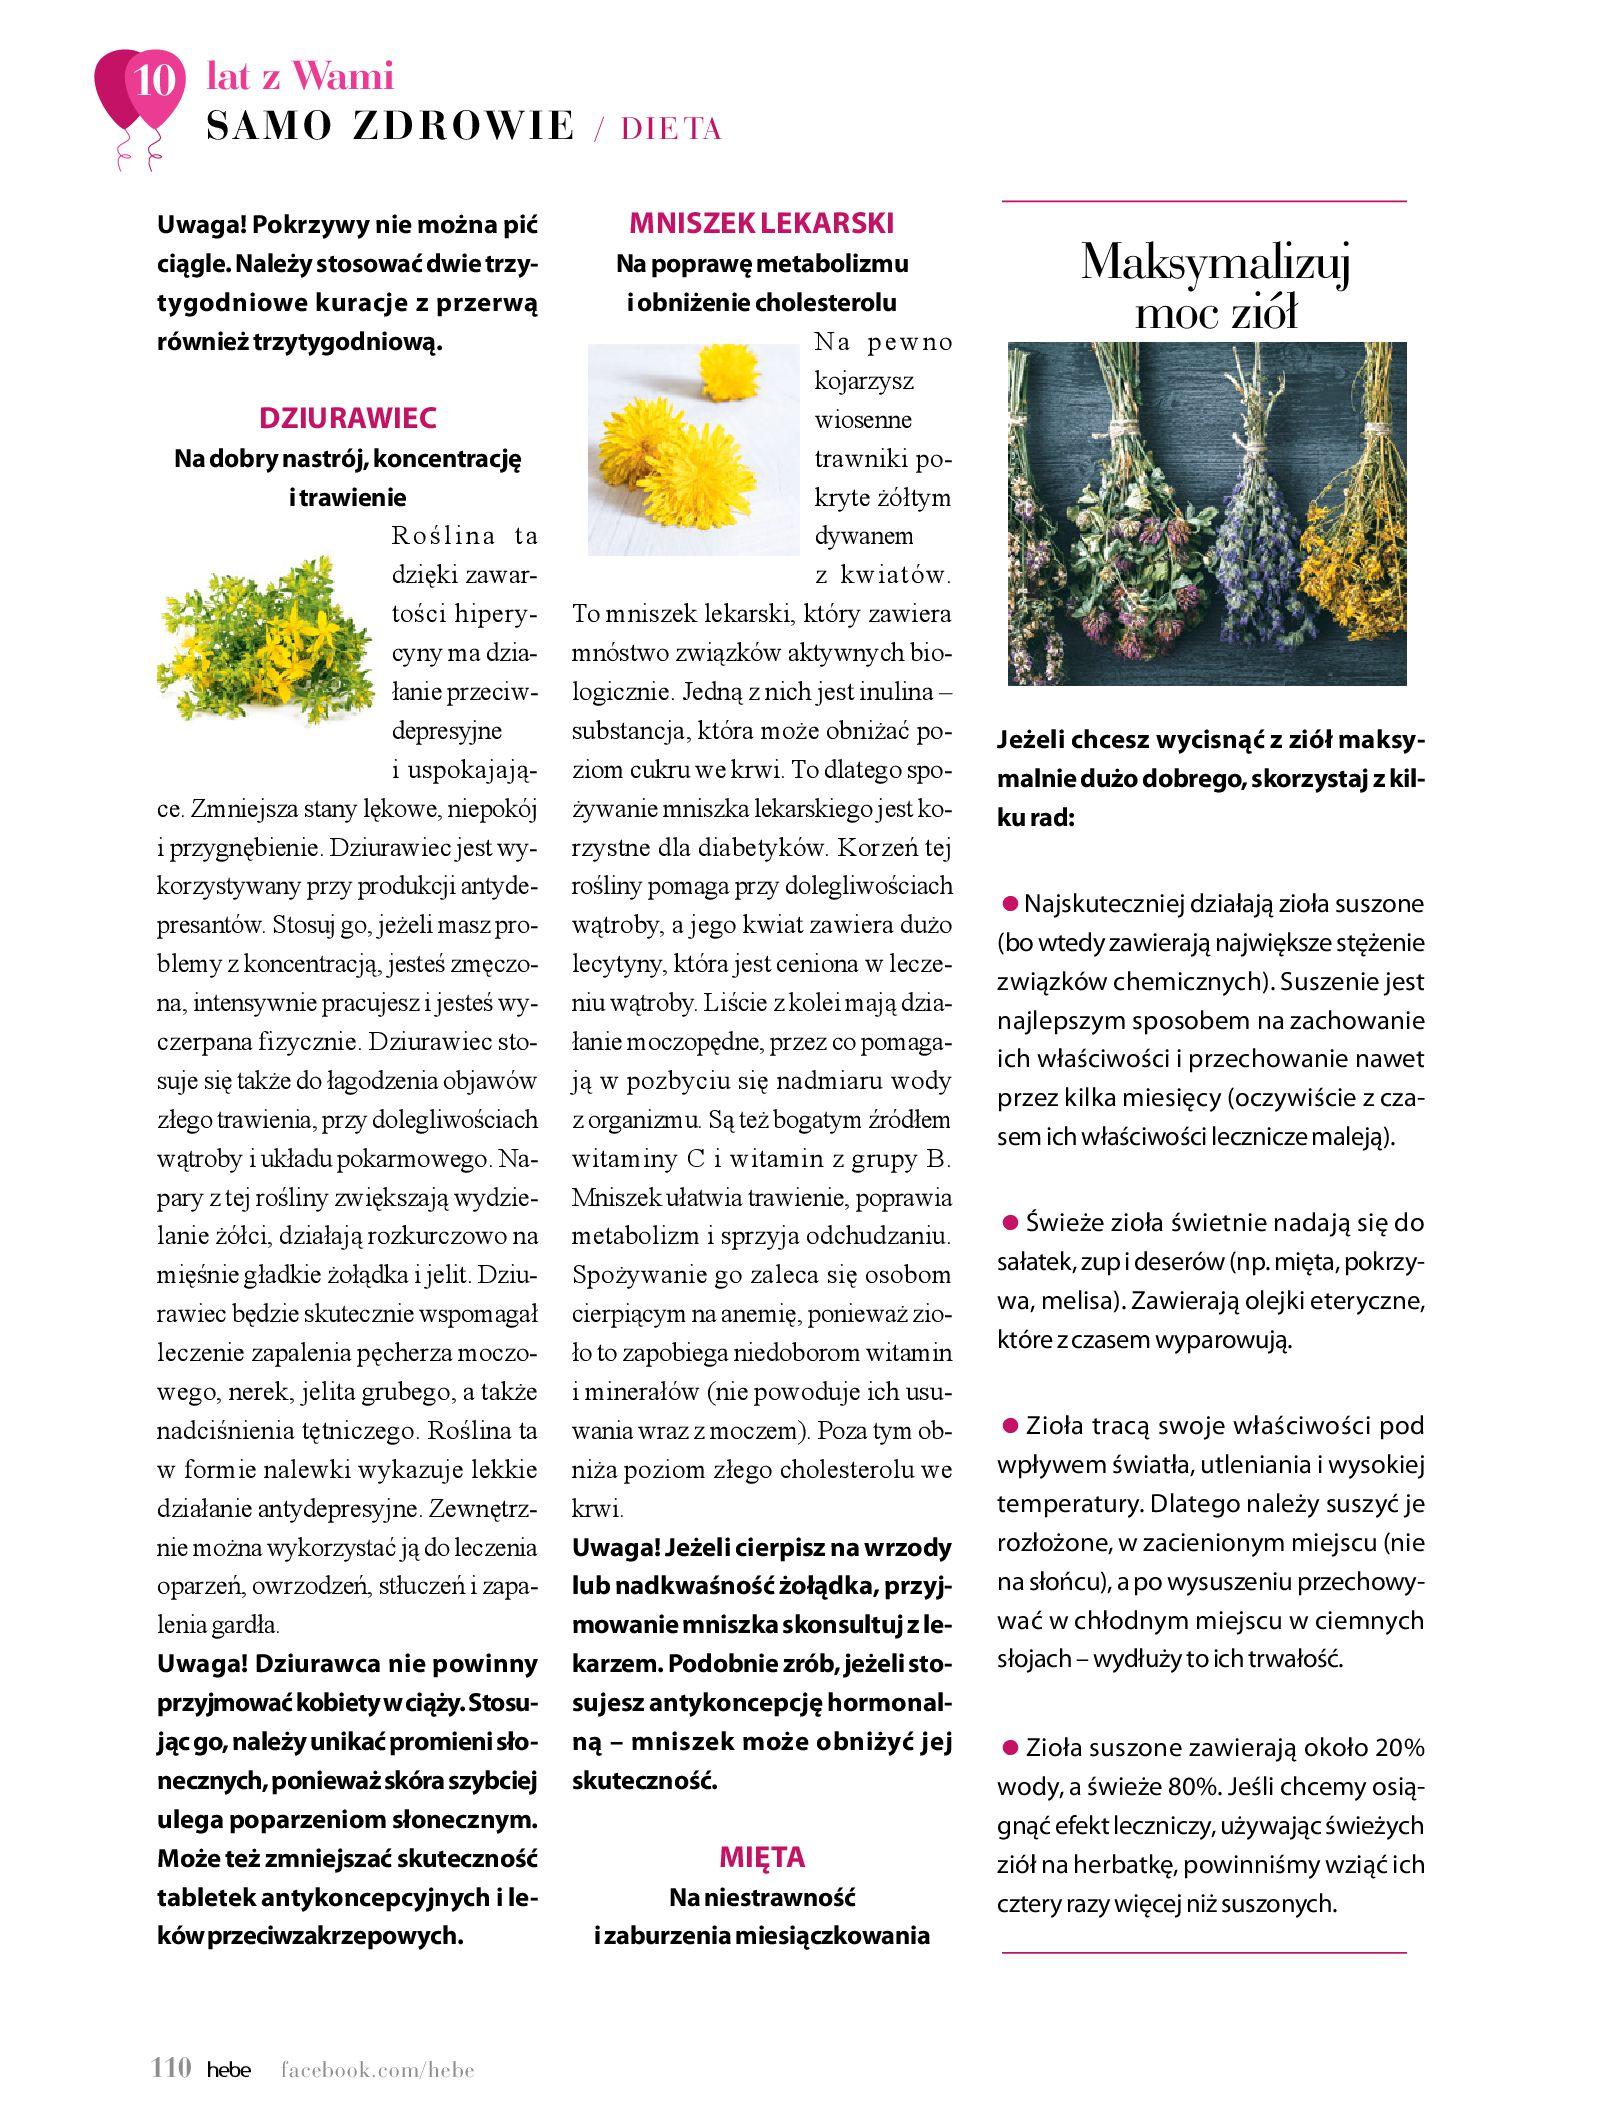 Gazetka hebe: Gazetka Hebe - Magazyn  2021-05-01 page-110